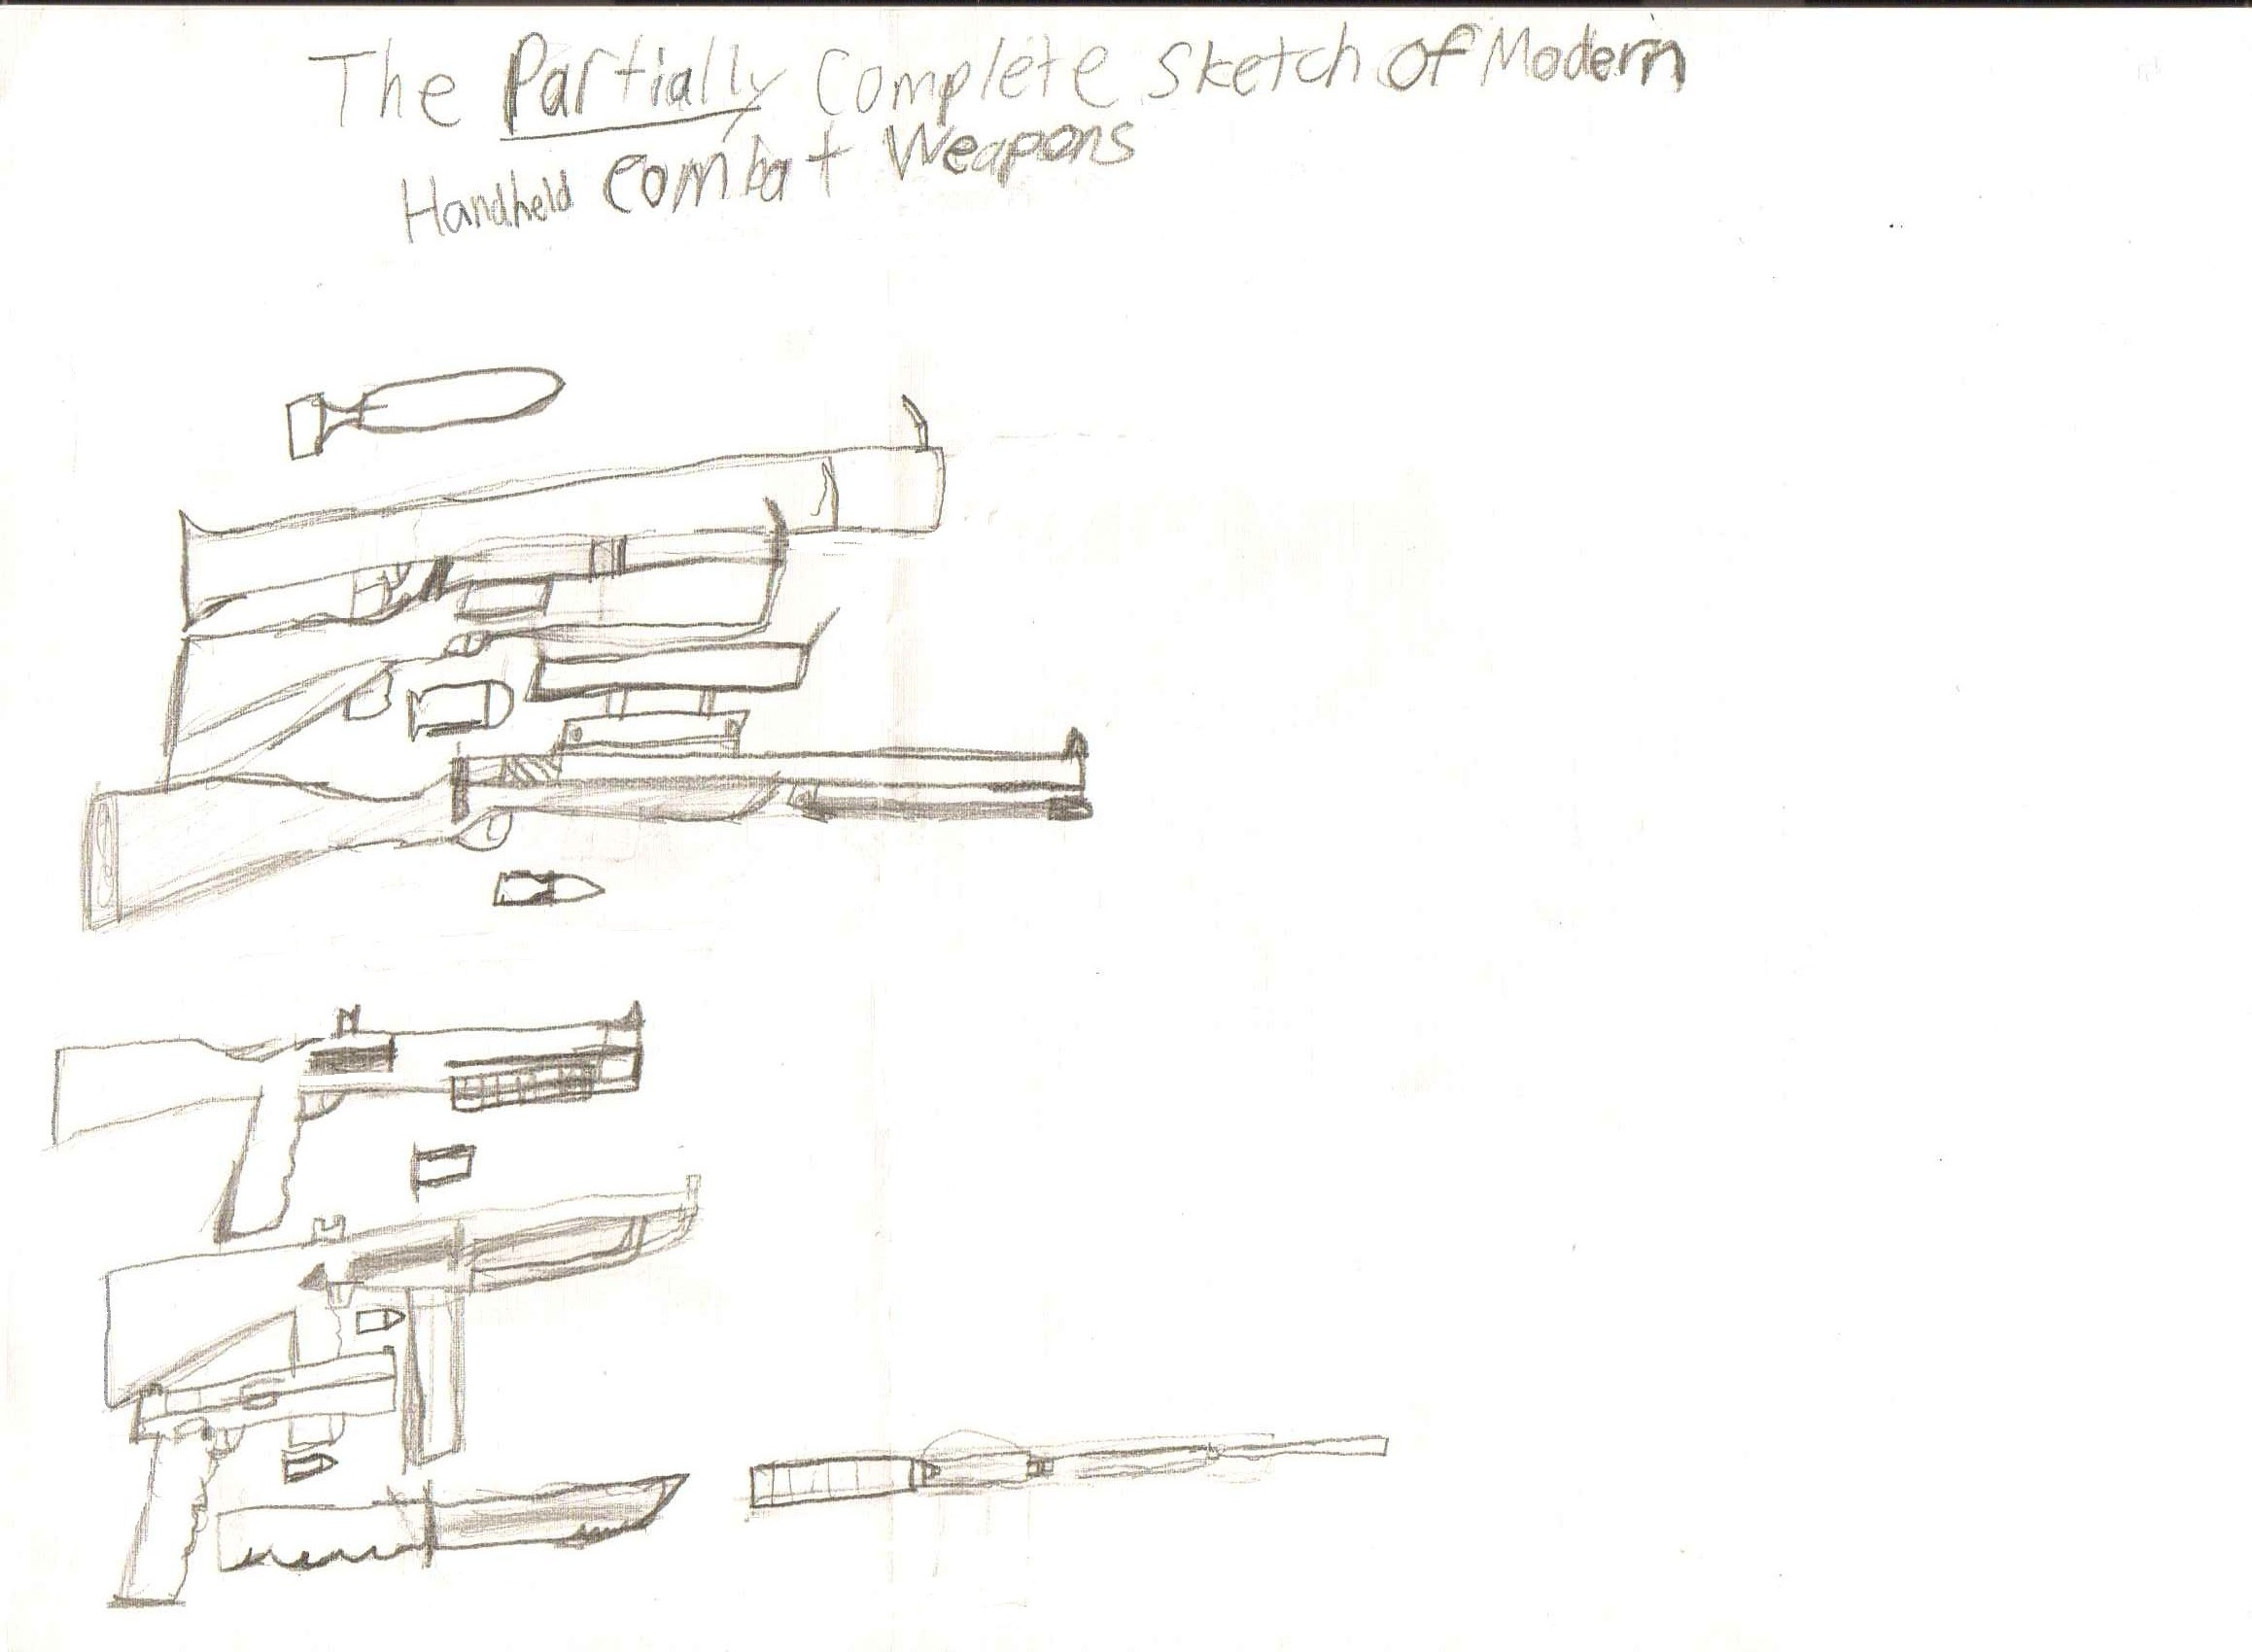 Modern Weapon Sketch